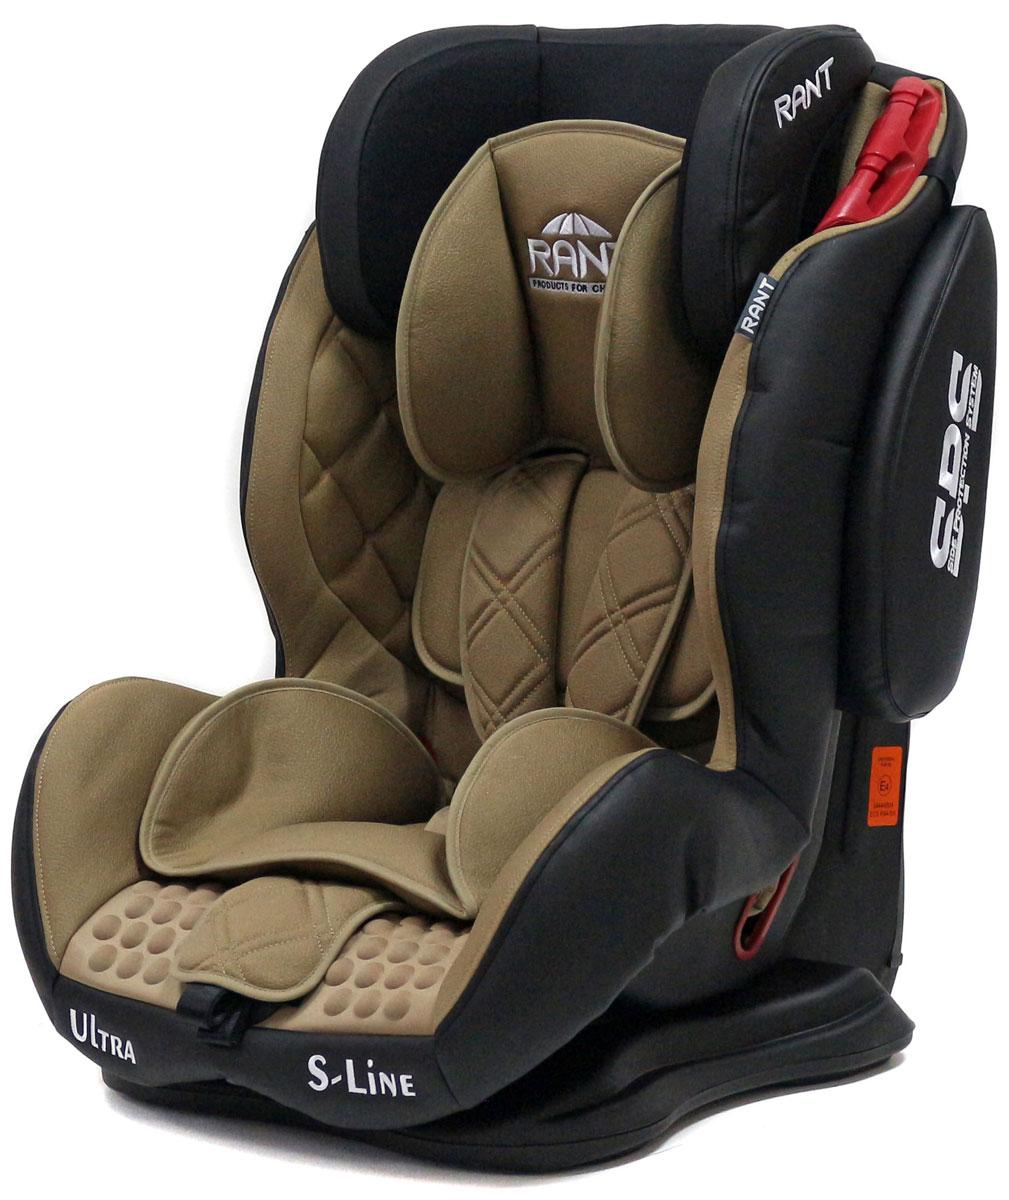 Rant Автокресло Ultra SPS цвет кофейный от 9 до 36 кгВетерок 2ГФАвтокресло Rant Ultra SPS группы 1-2-3 предназначено для детей весом от 9 до 36 кг (возраст от 9 месяцев до 12 лет), крепится штатными ремнями безопасности автомобиля, устанавливается по ходу движения автомобиля. Кресло оснащено пятиточечным ремнем безопасности с мягкими плечевыми накладками и антискользящими нашивками, 3-х ступенчатой настройкой высоты подголовника, корректировкой высоты ремня безопасности по уровню подголовника. 3 положения наклона корпуса, устойчивая база, фиксатор высоты штатных ремней безопасности, дополнительная боковая защита, съемный чехол, мягкий съемный вкладыш для малыша делают это кресло идеальным средством для защиты ребенка во время передвижения на автомобиле.Сертификат Европейского Стандарта Безопасности ЕCE R44/04.